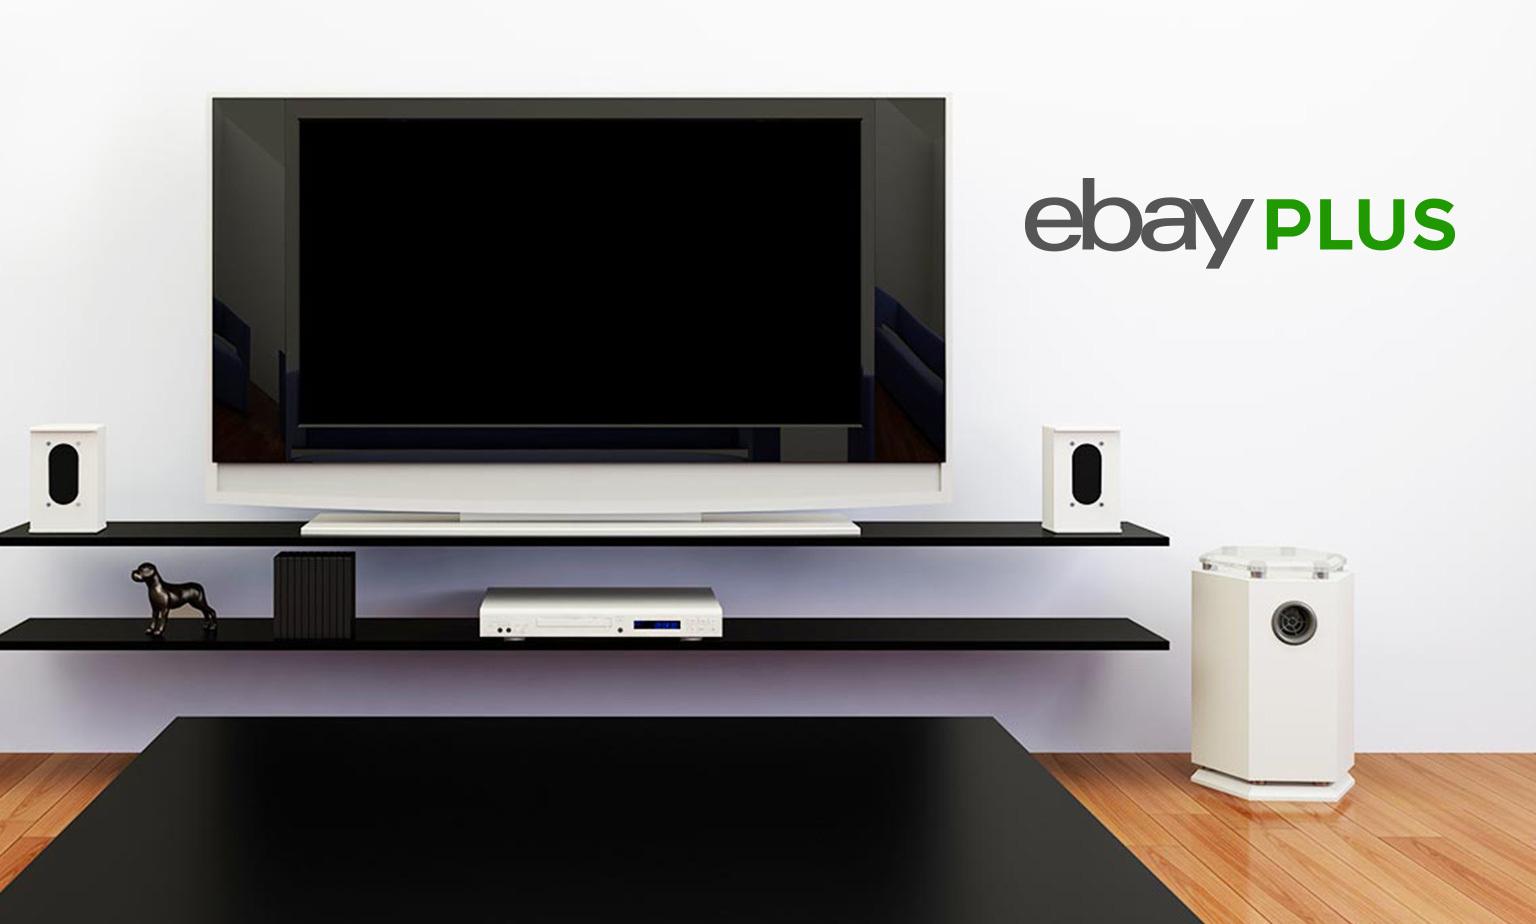 Technik mit eBay Plus, die begeistert